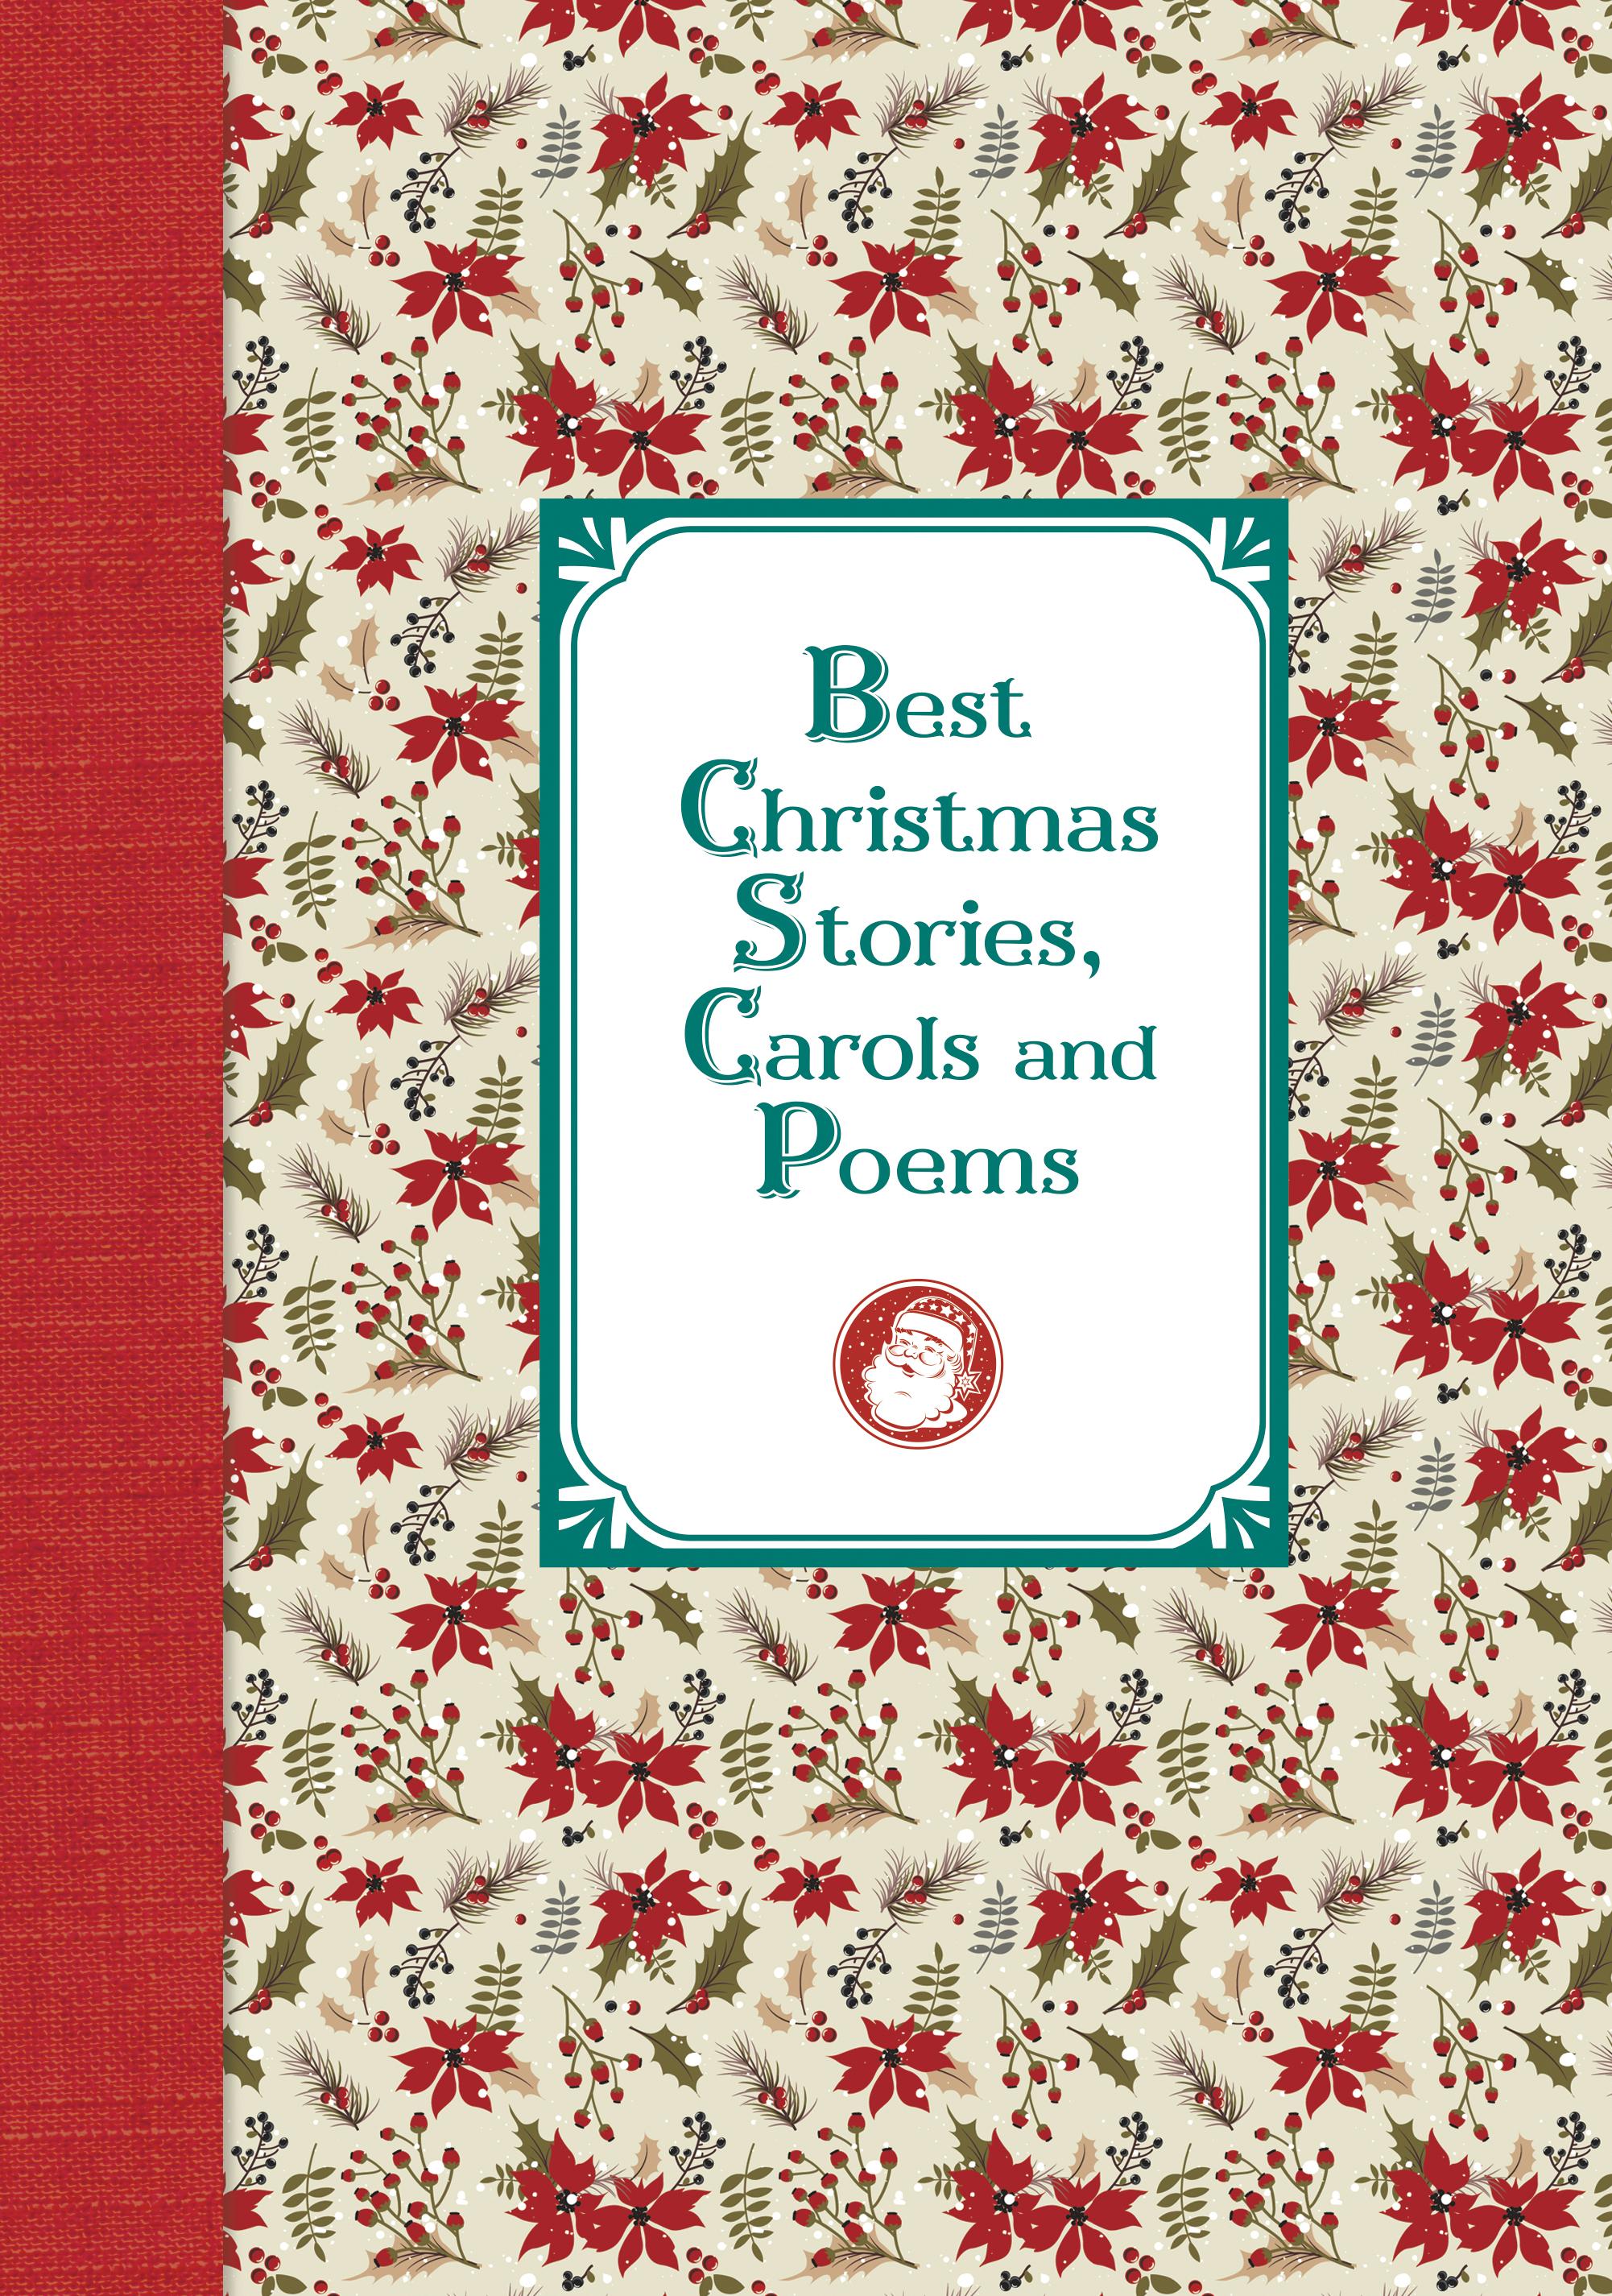 Лучшие рождественские рассказы и стихотворения / Best Christmas Stories, Carols and Poems